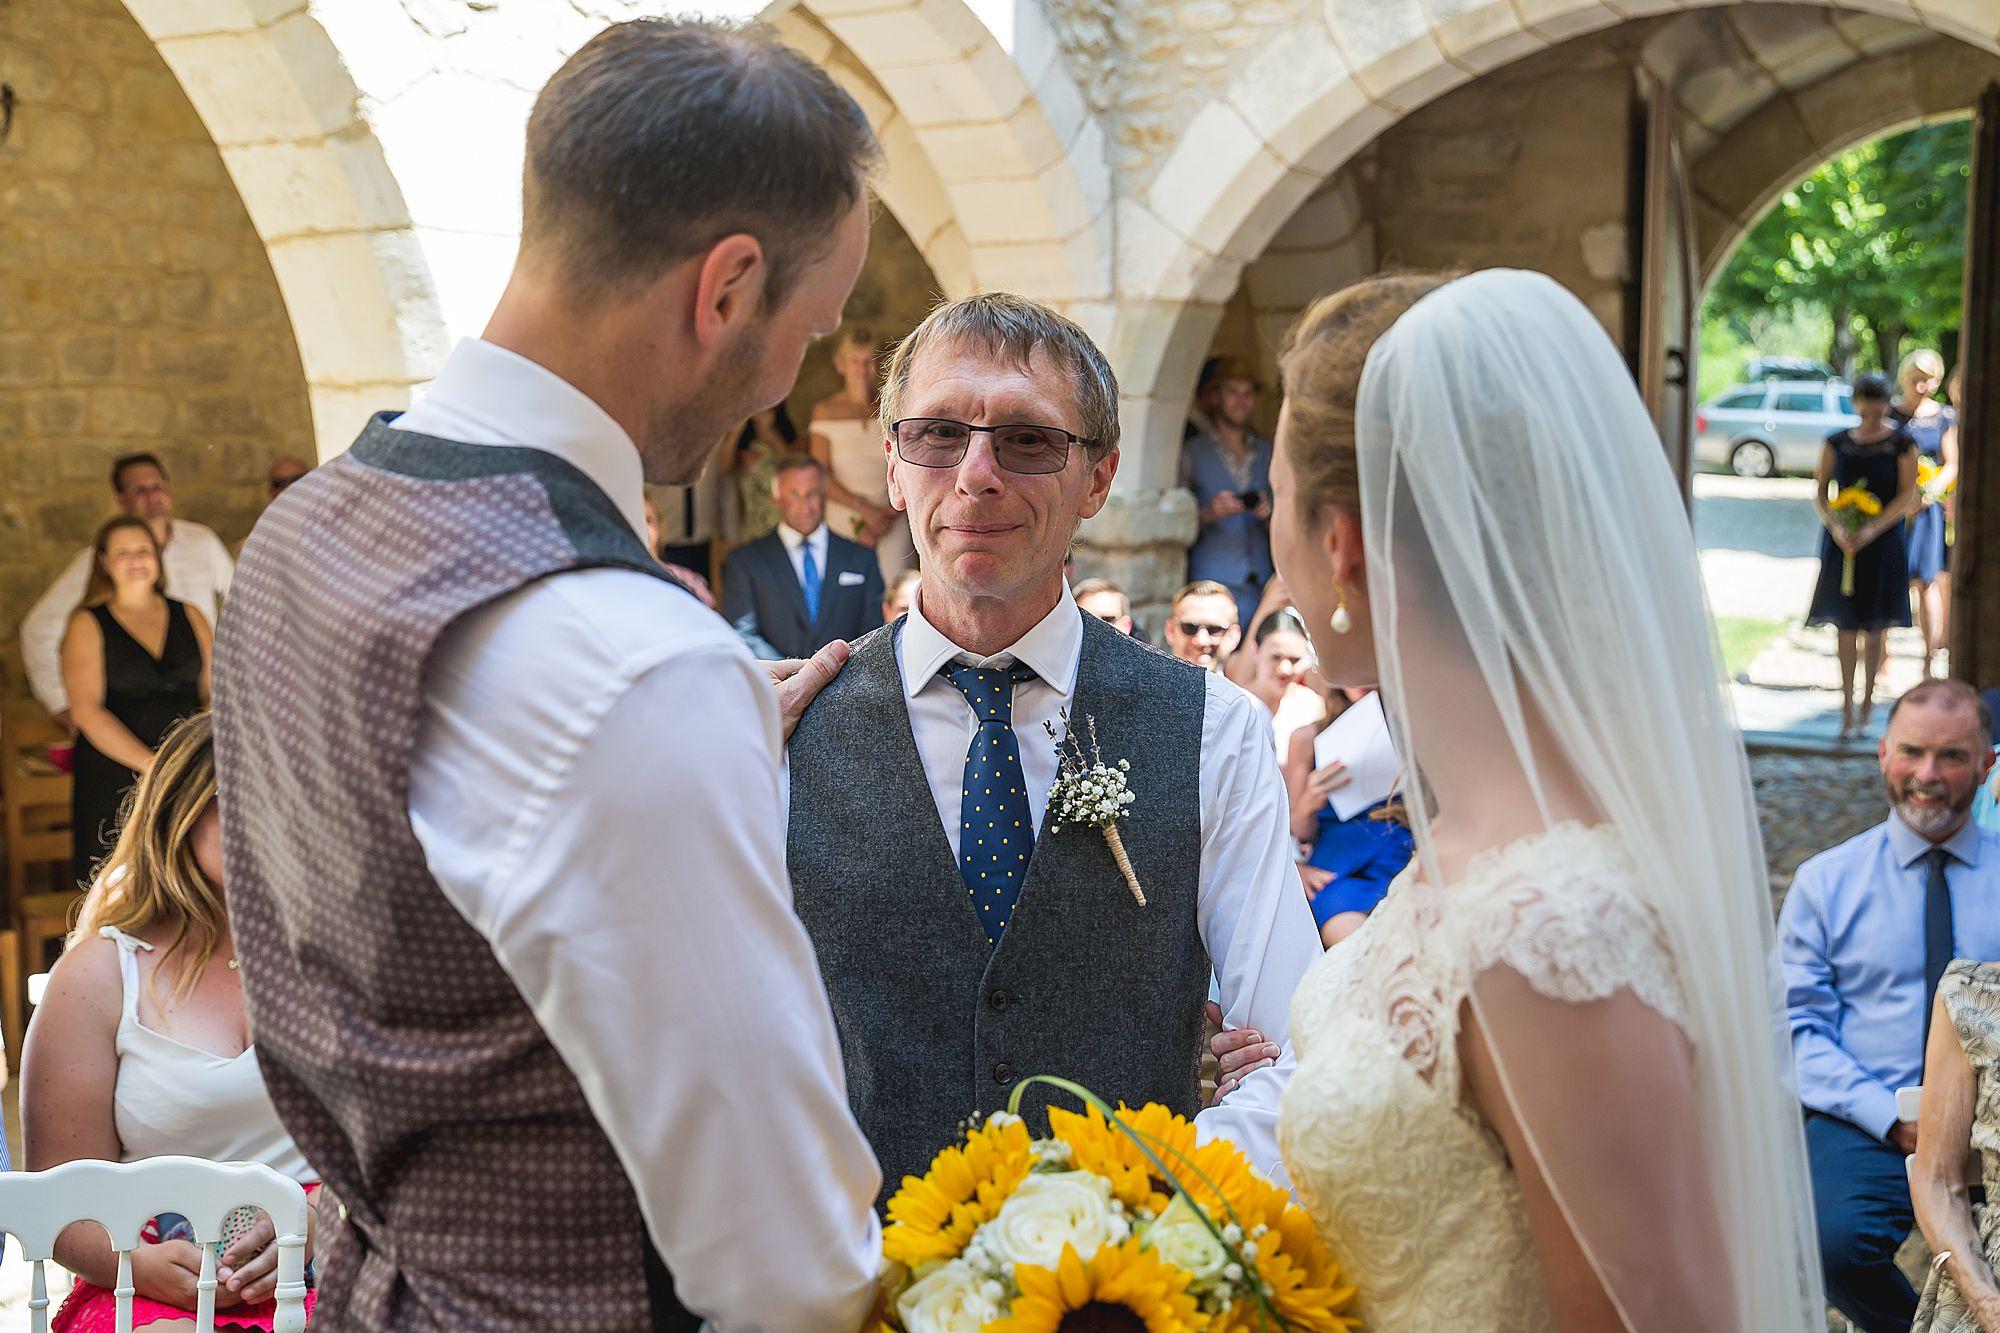 Dad gives bride away